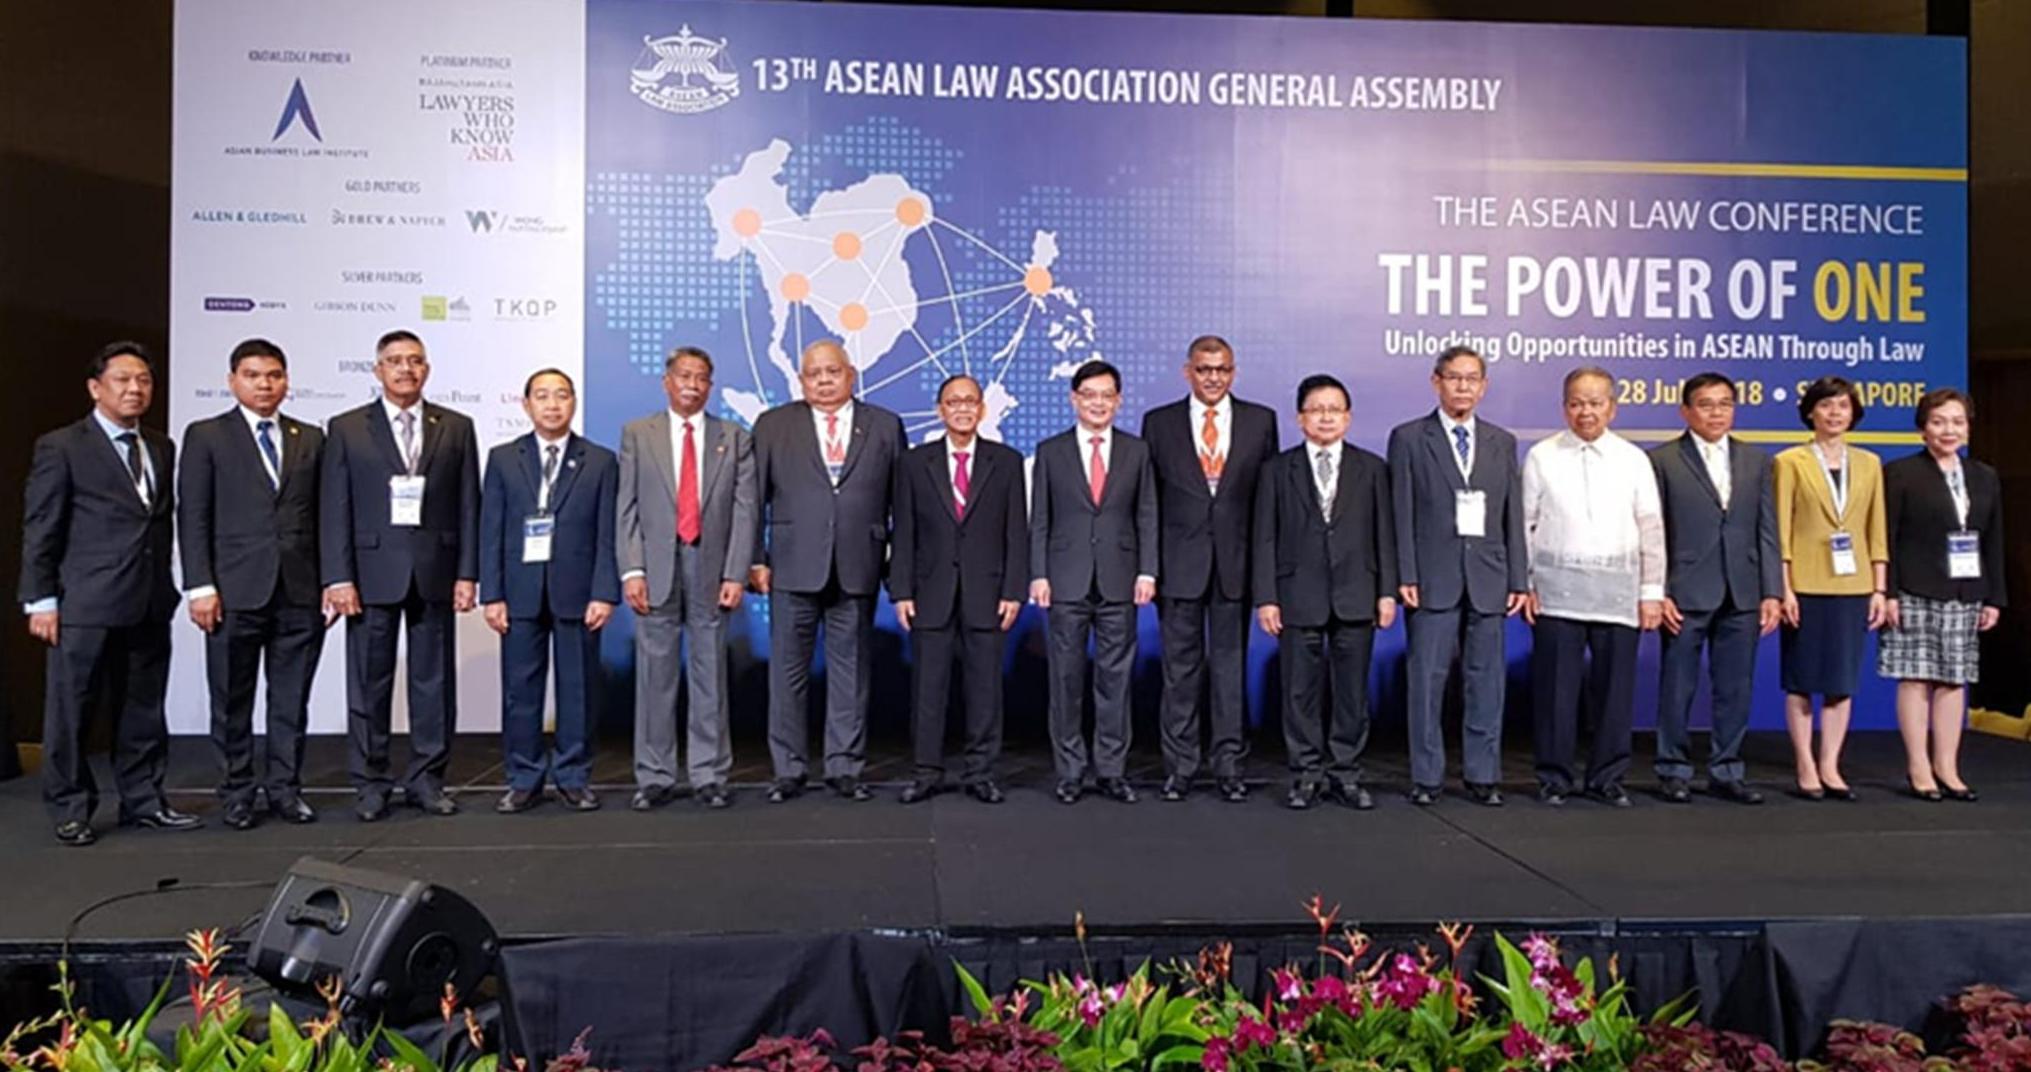 Ketua Mahkamah Agung RI Menghadiri Pembukaan General Assembly ALA ke 13 di Singapura